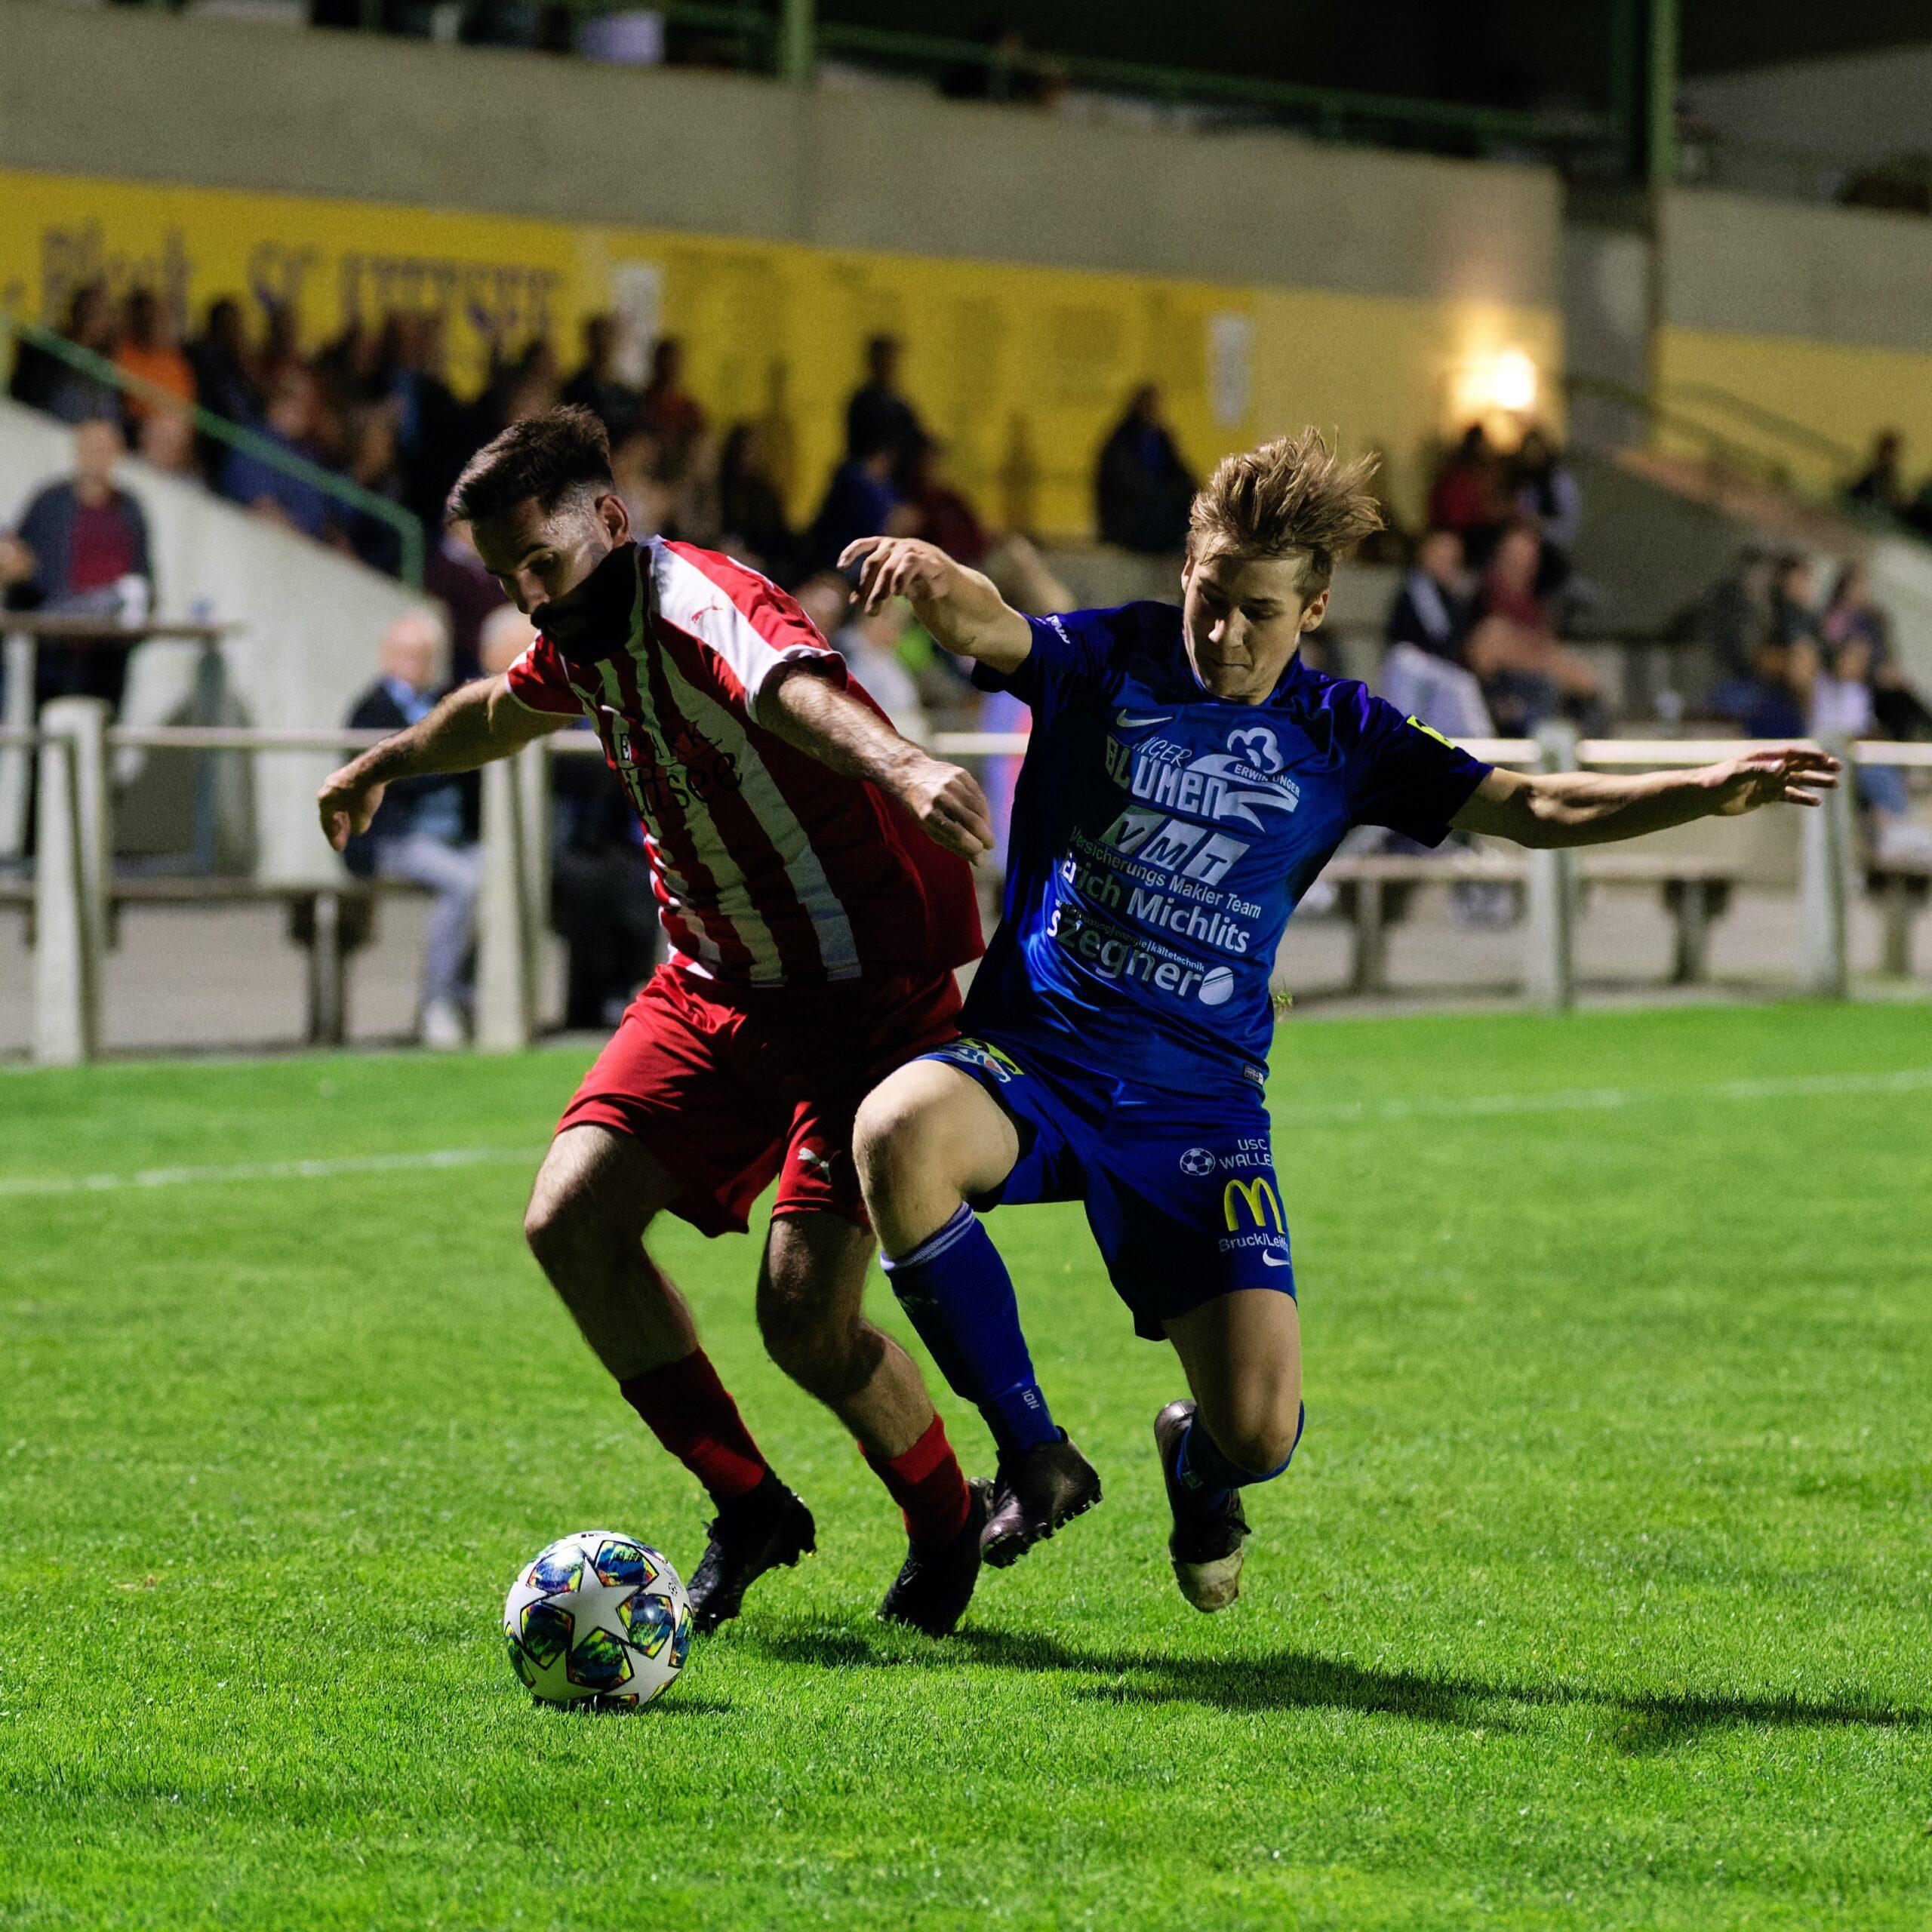 Dominik Janisch flying tackle